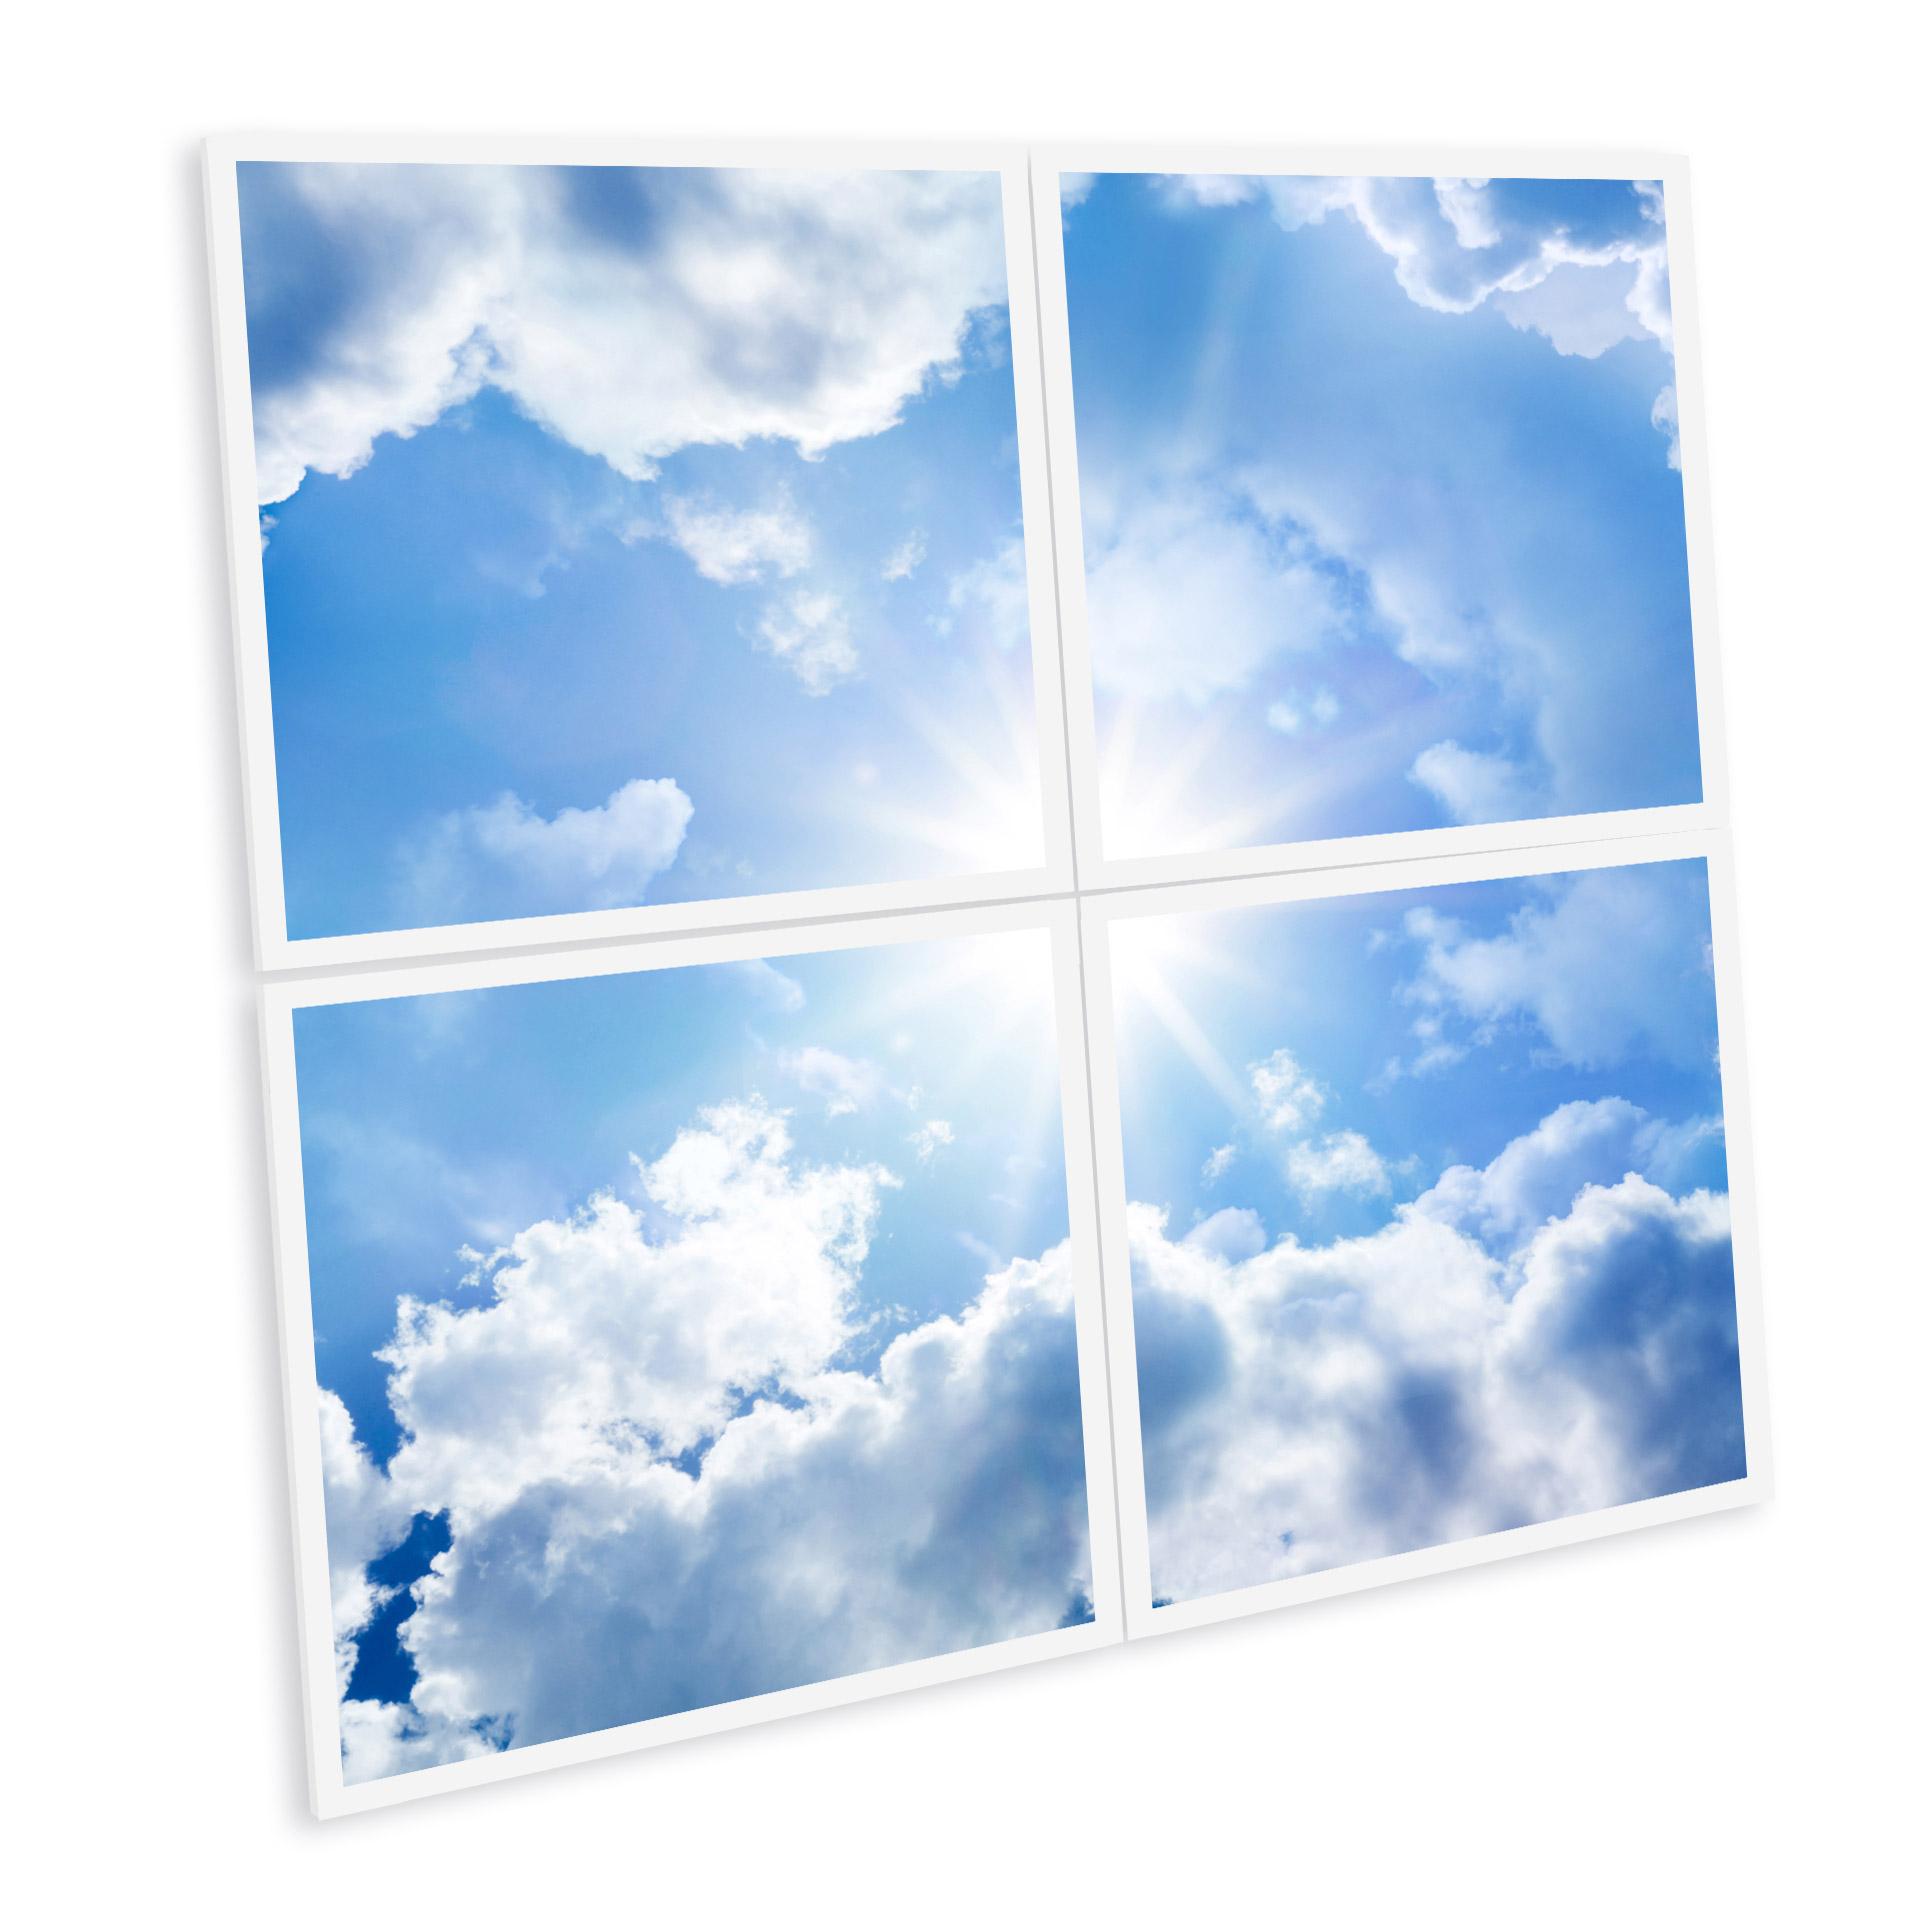 panneau led personnalisé ciel nuages